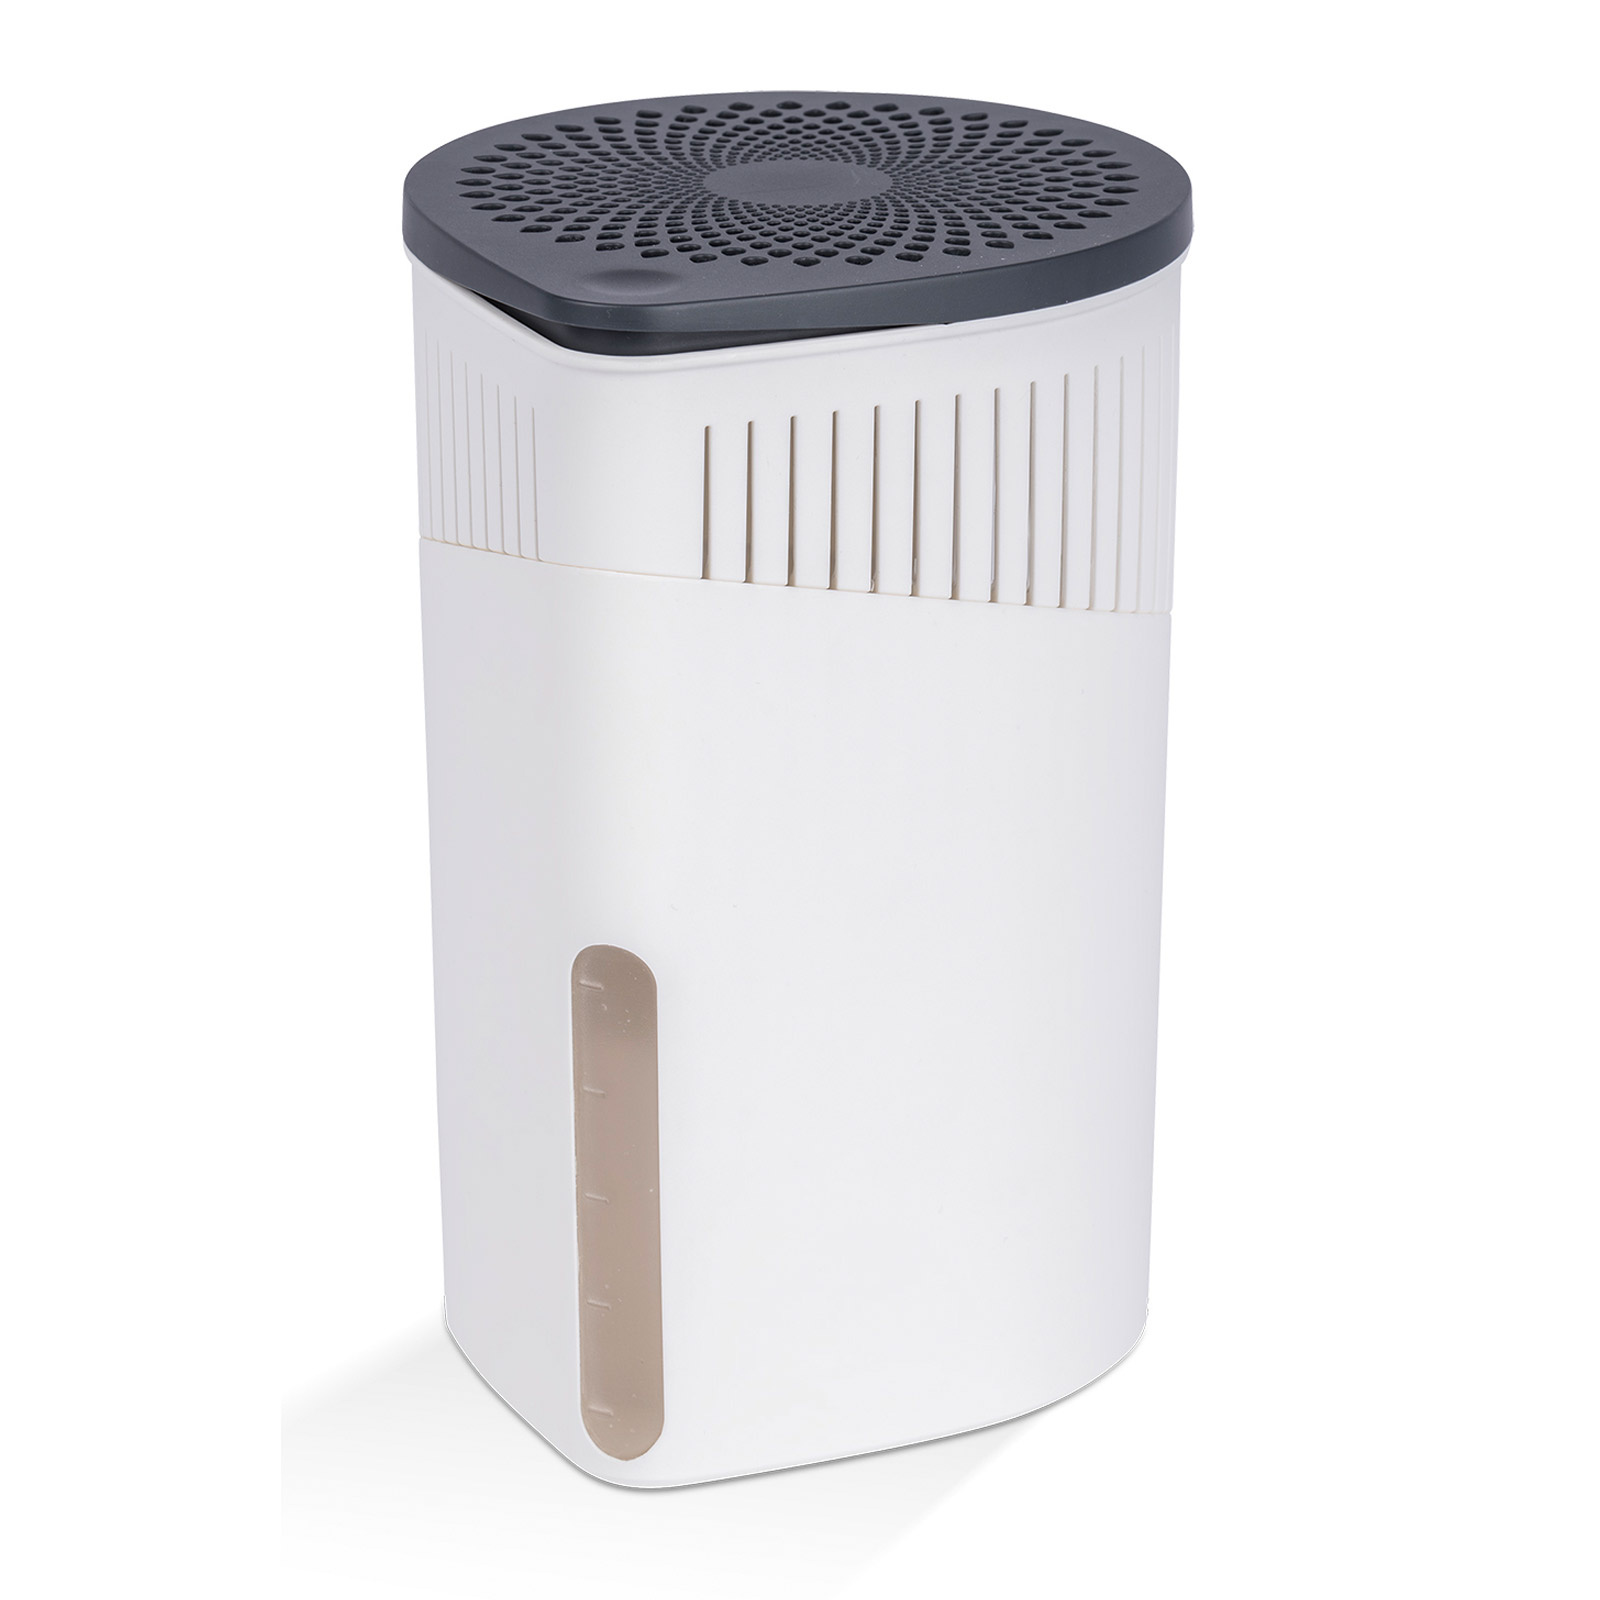 salz luftentfeuchter drop berall einsetzbar funktioniert ohne strom purenature. Black Bedroom Furniture Sets. Home Design Ideas